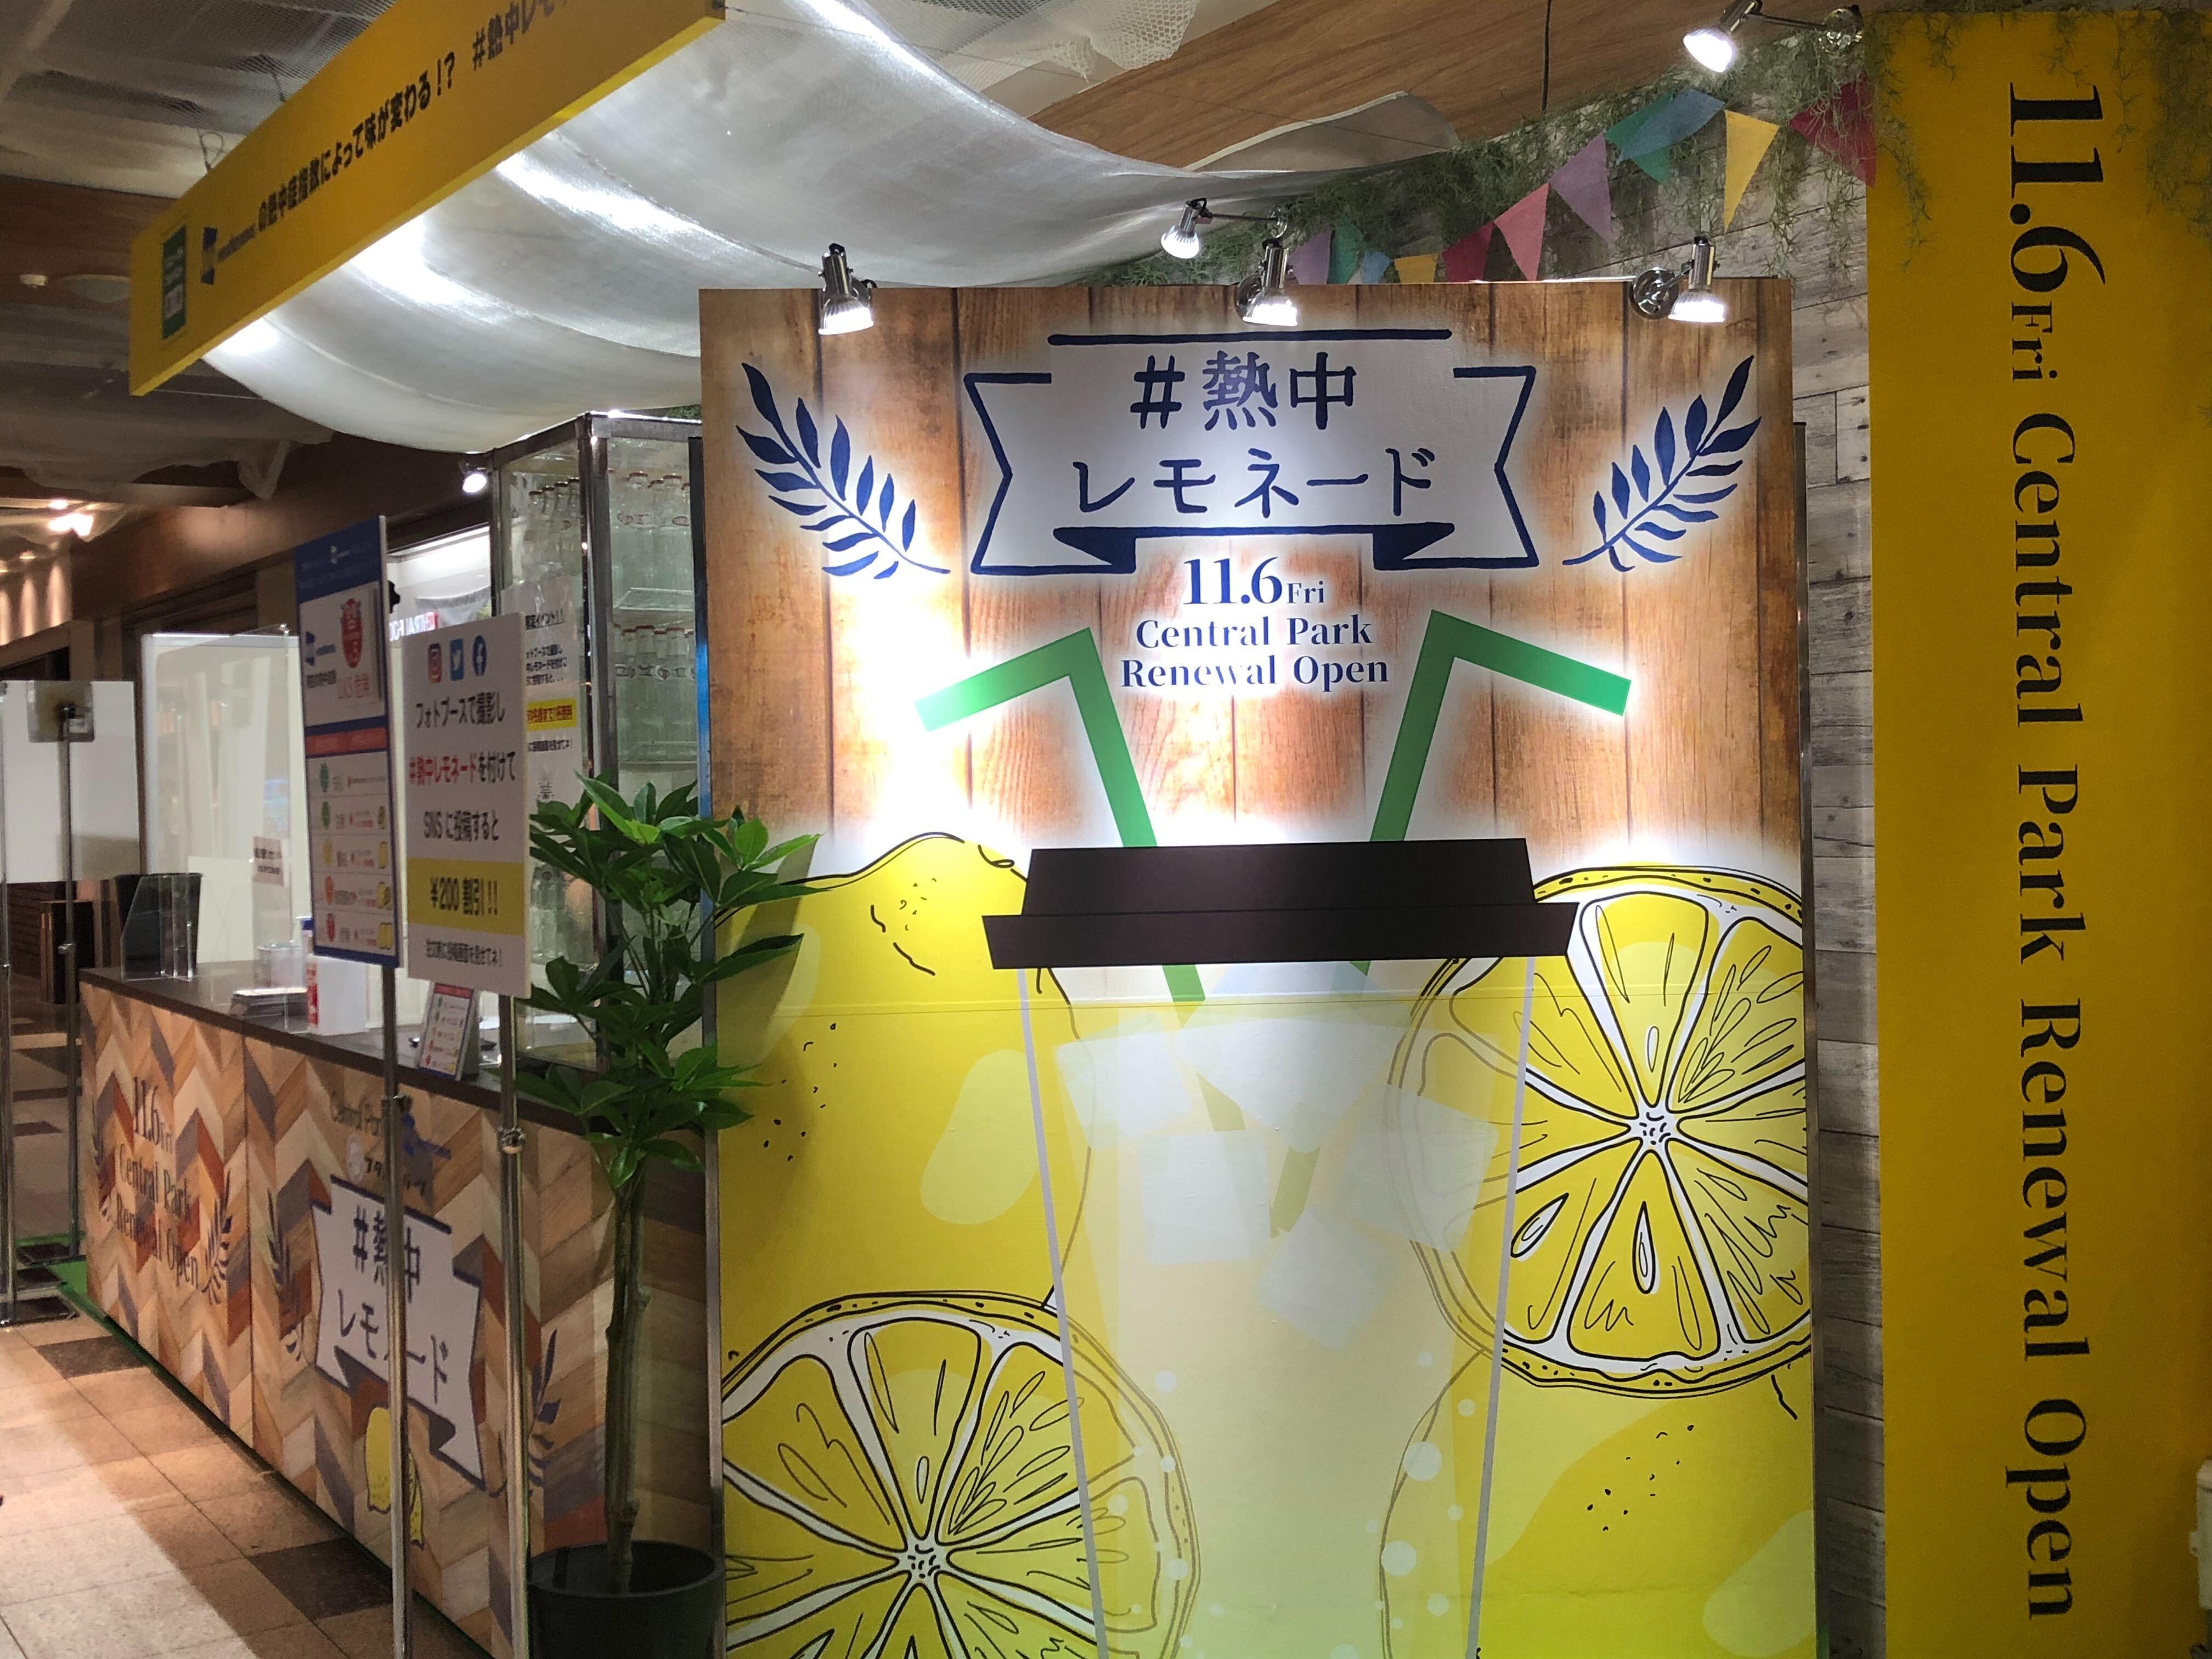 アツイ夏には「#熱中レモネード」!栄地下街「セントラルパーク」でプレイベント開催 - 6c0da1eb6983ce77b06074107e4f497d